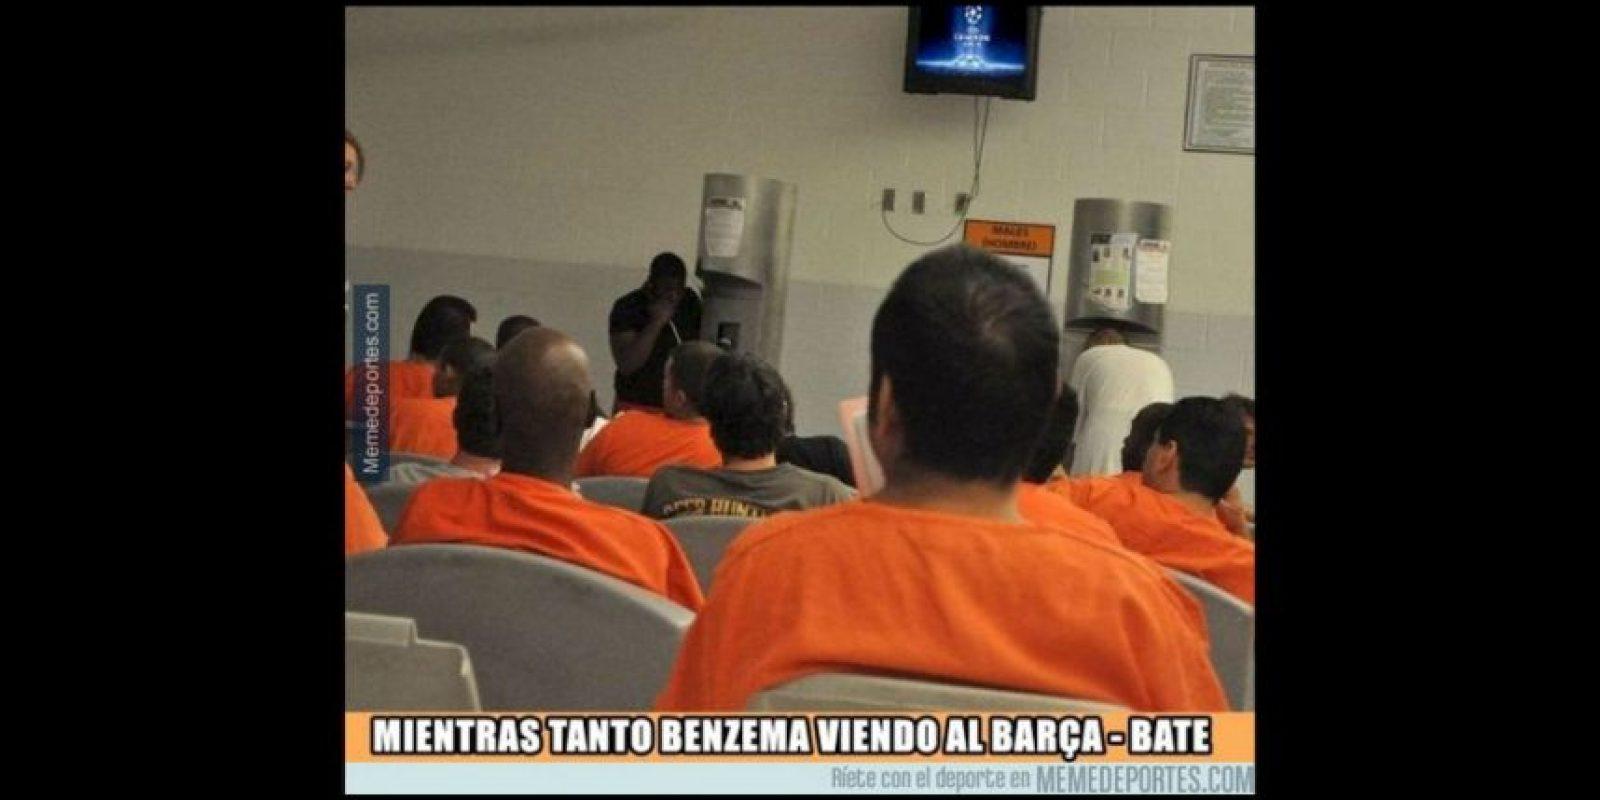 Los mejores memes por el escándalo sexual de Karim Benzema Foto:Twitter